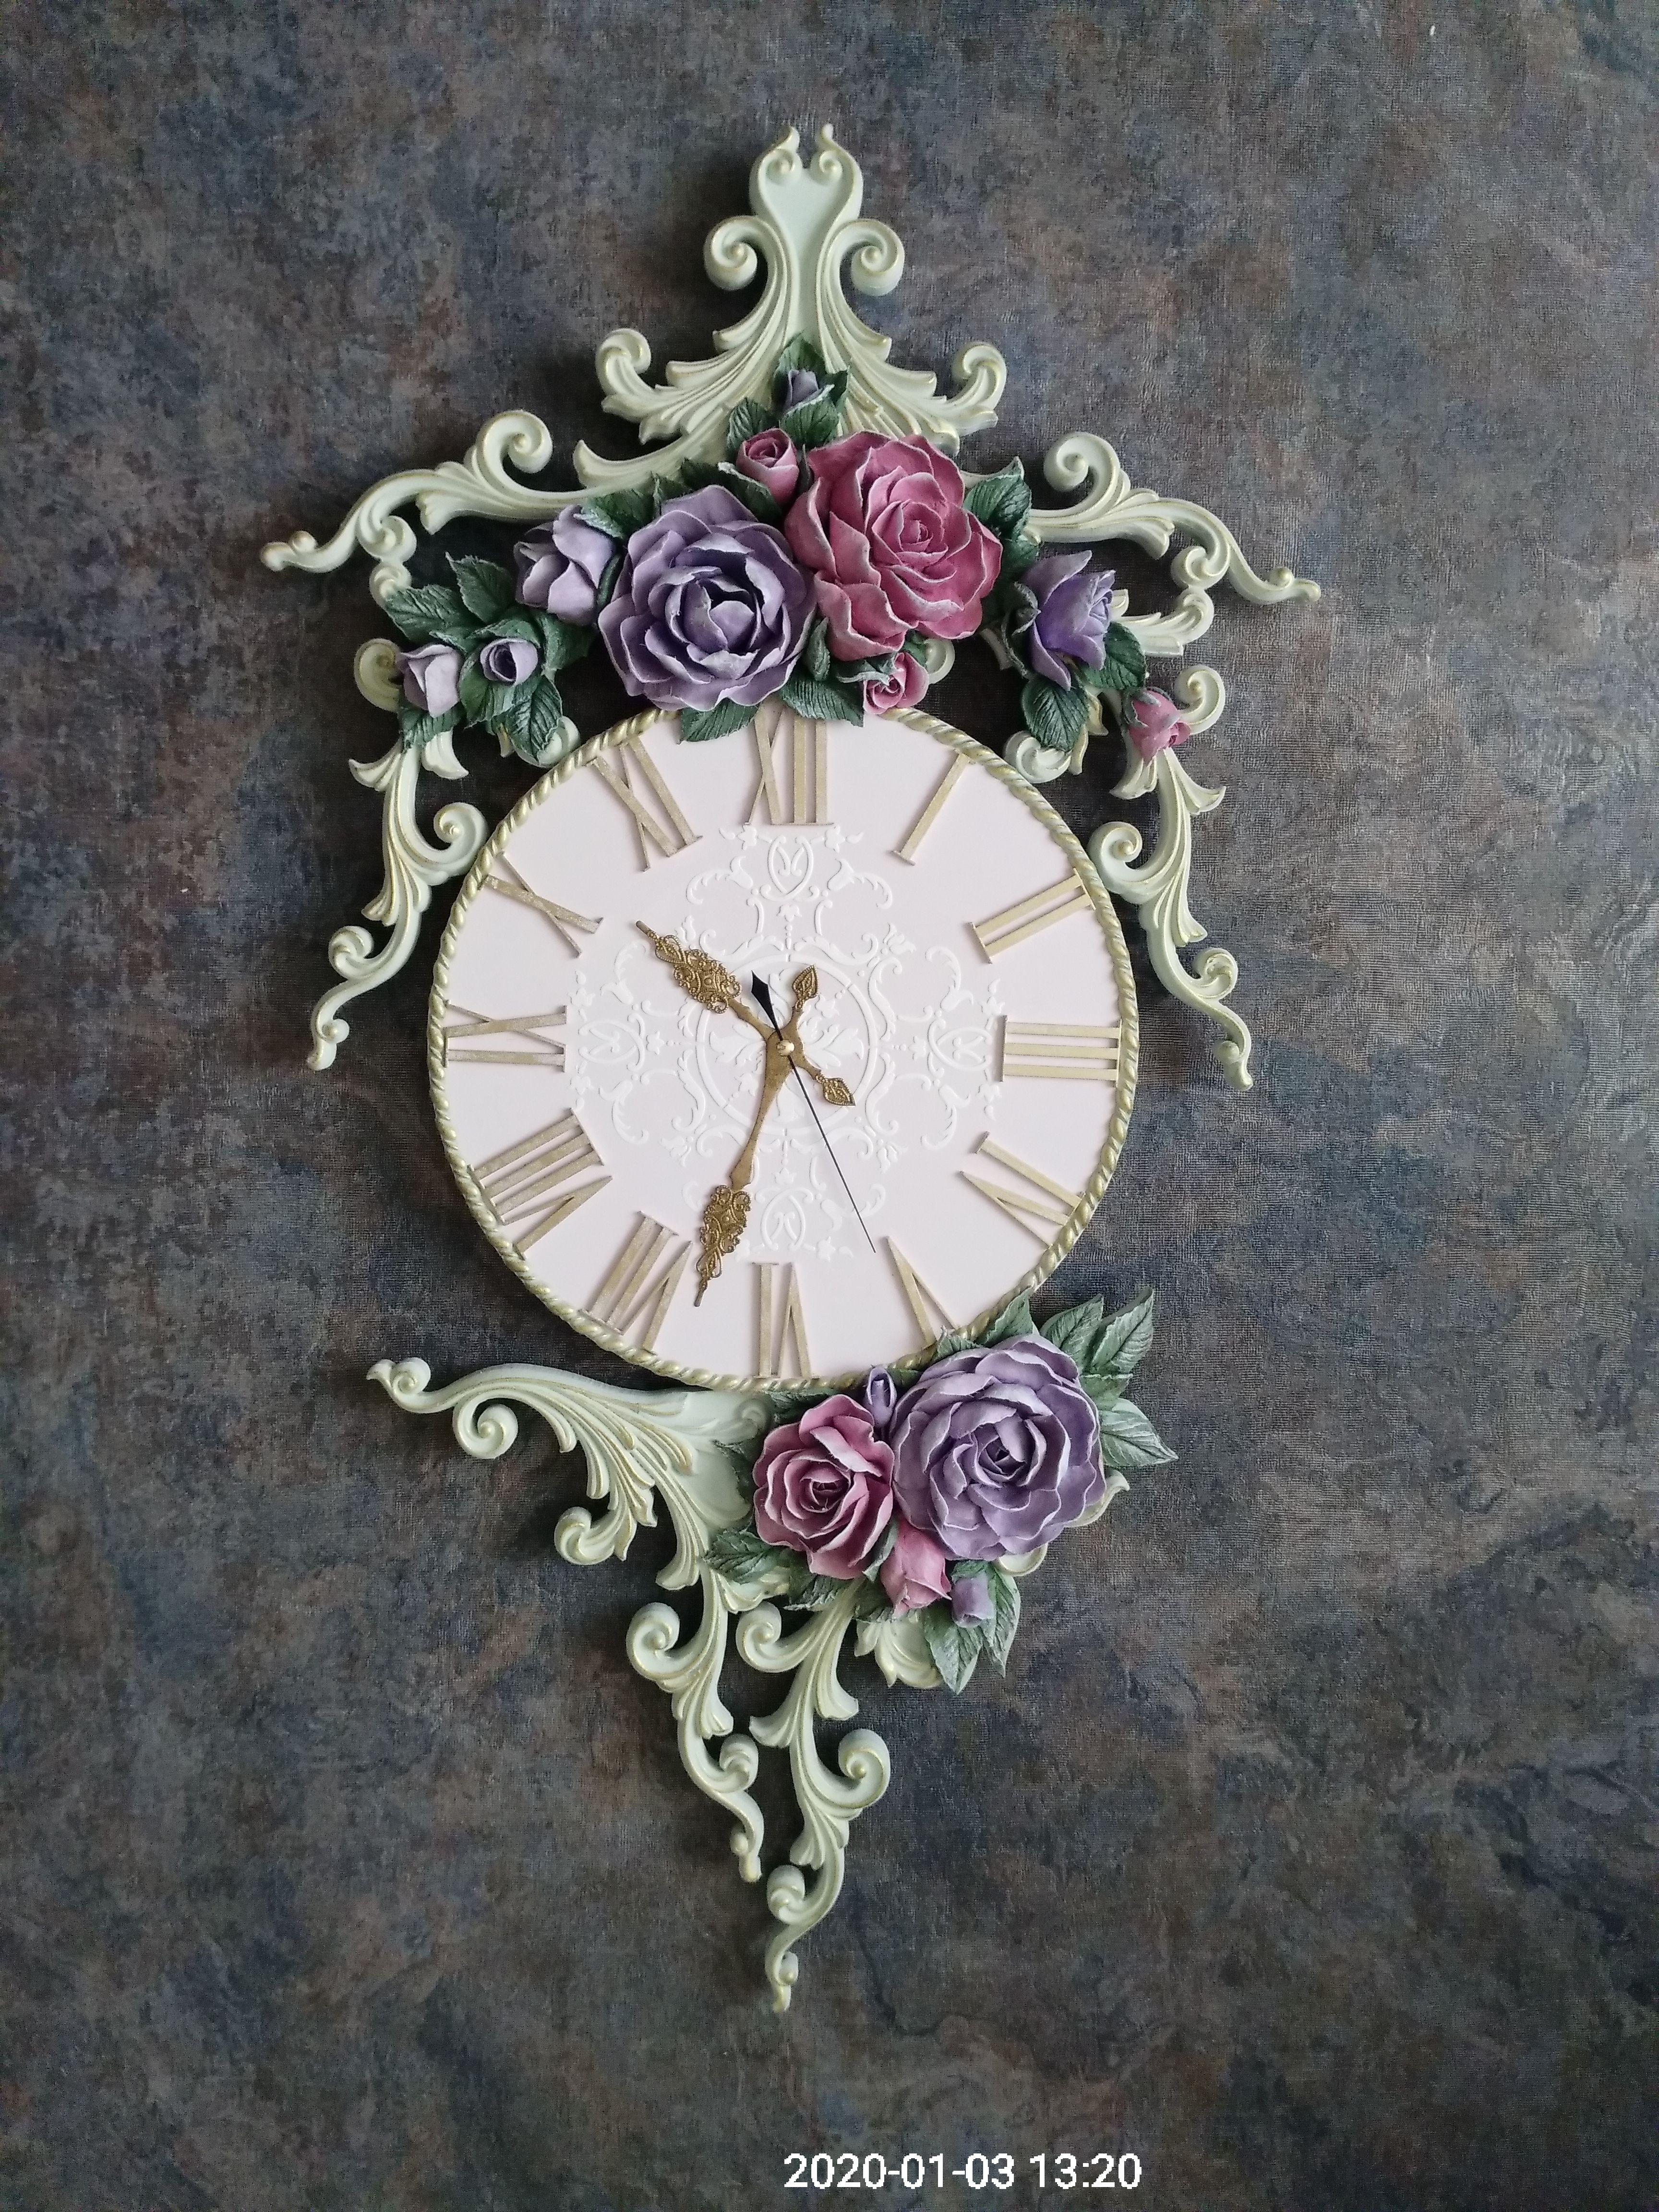 подарок работа ручная уют интерьер прованс шебби часы дом